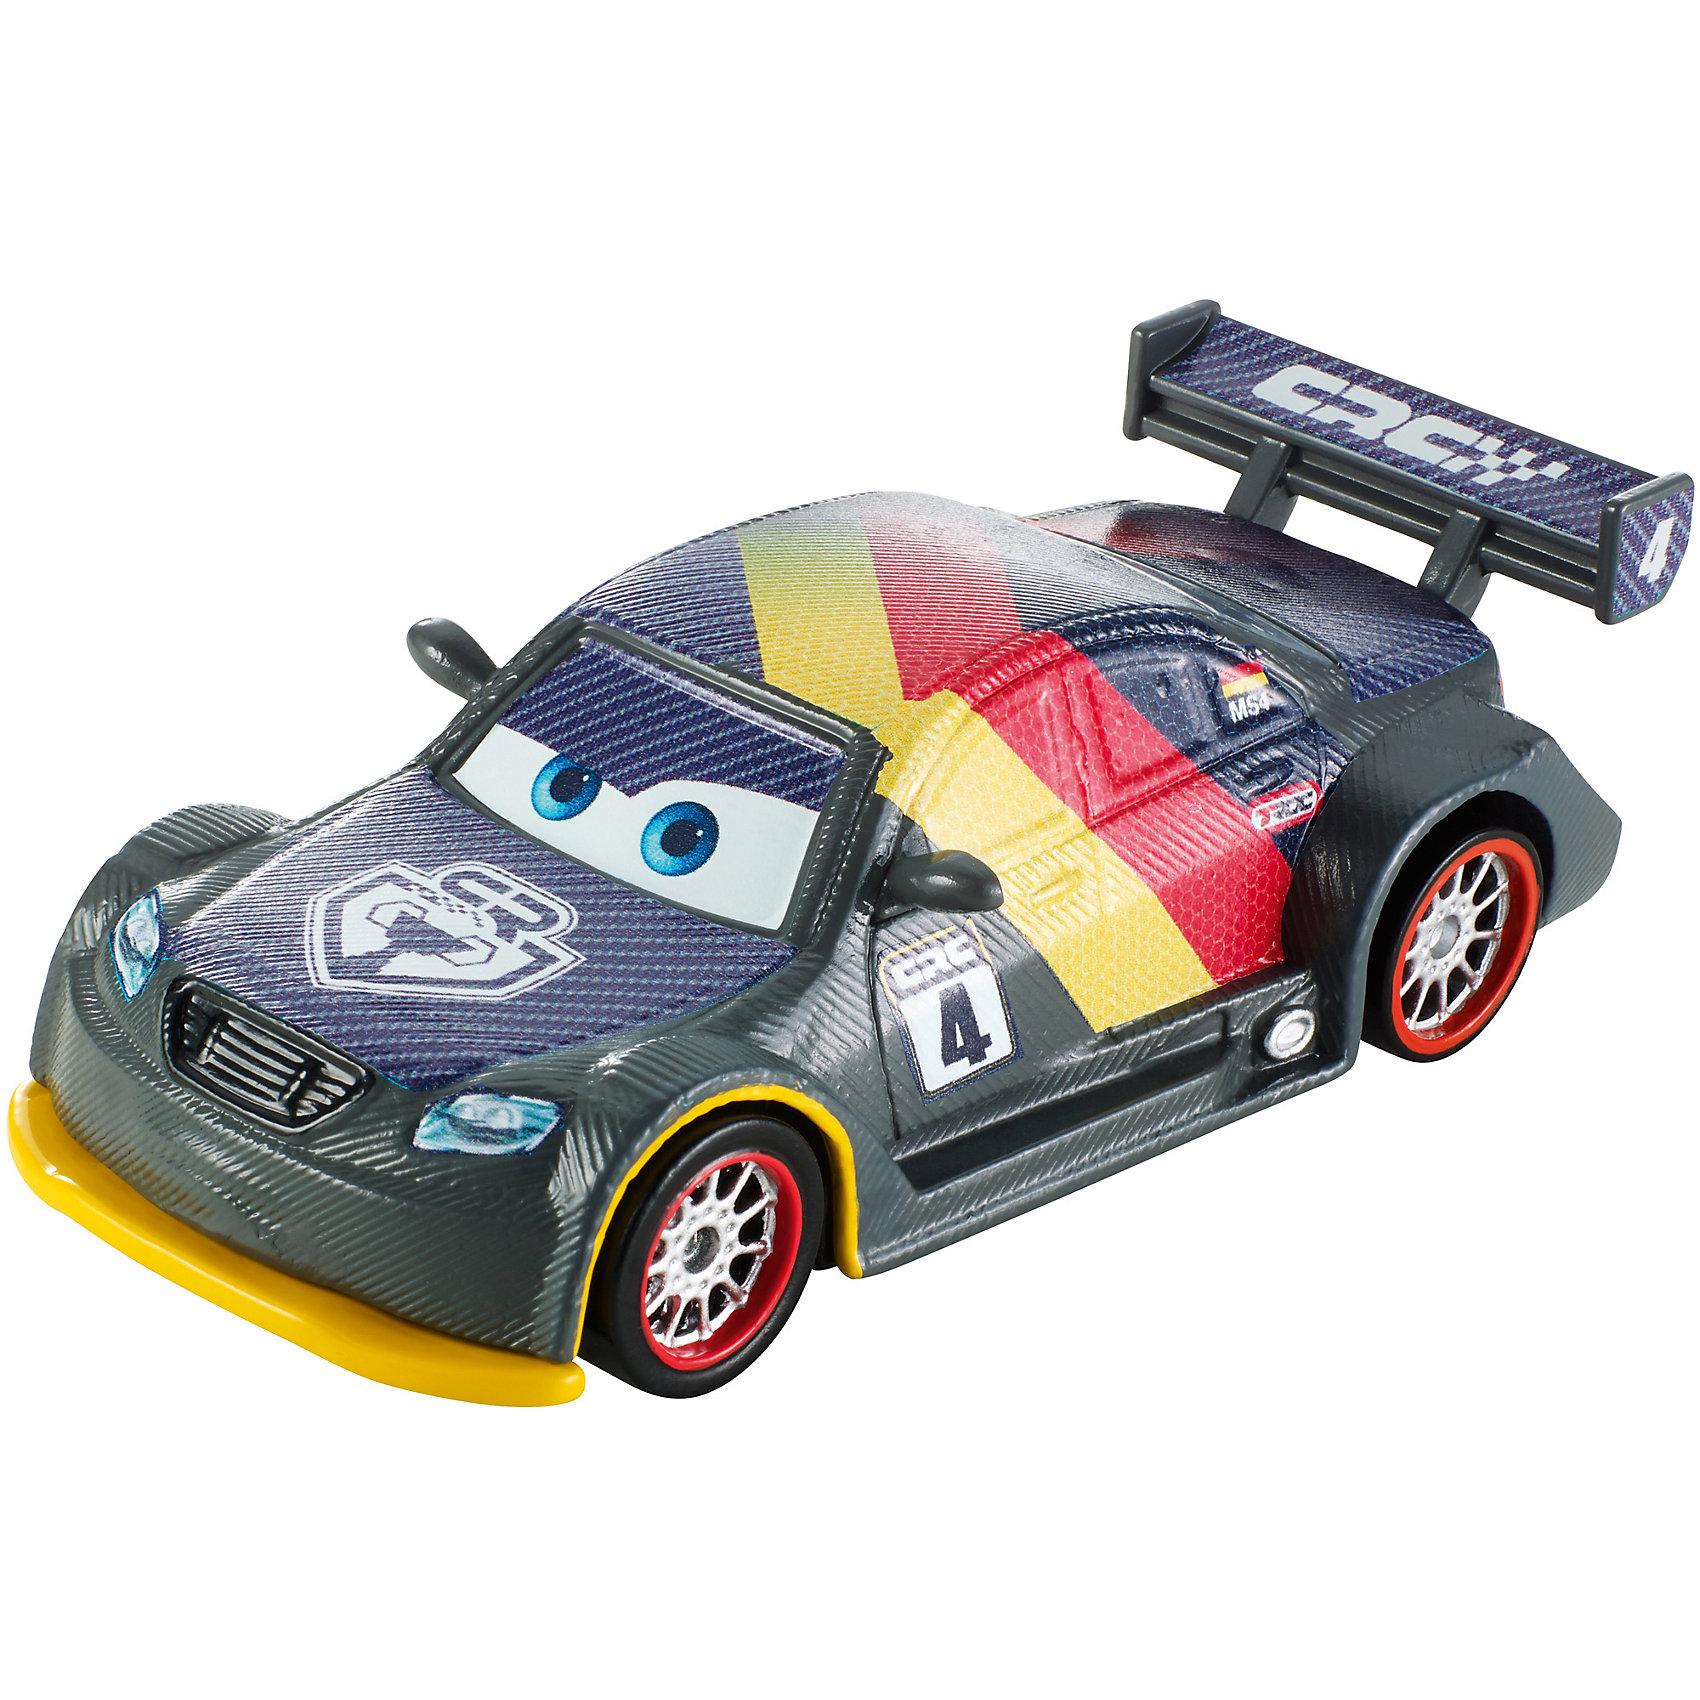 Карбоновый гонщик, ТачкиТачки Игрушки<br>Игрушечная машинка Тачки: Карбоновый гонщик от Mattel представляет собой гоночный автомобиль, который исполнен по мотивам известного и любимого многими детьми диснеевского мультика Тачки. Эта игрушка станет прекрасным подарком для любого мальчика. Играть с ней можно повсюду. А также будет интересно придумывать свои истории тачек.<br>В товар входит:<br>-машинка<br><br>Дополнительная информация:<br>-Цвет: серый,жёлтый,красный<br>-Возраст: от 3 лет<br>-Для мальчиков<br>-Материал: металл,пластик<br>-Упаковка: блистер на картоне<br>-Бренд: Mattel<br><br>Ширина мм: 45<br>Глубина мм: 140<br>Высота мм: 165<br>Вес г: 83<br>Возраст от месяцев: 36<br>Возраст до месяцев: 120<br>Пол: Мужской<br>Возраст: Детский<br>SKU: 4973450